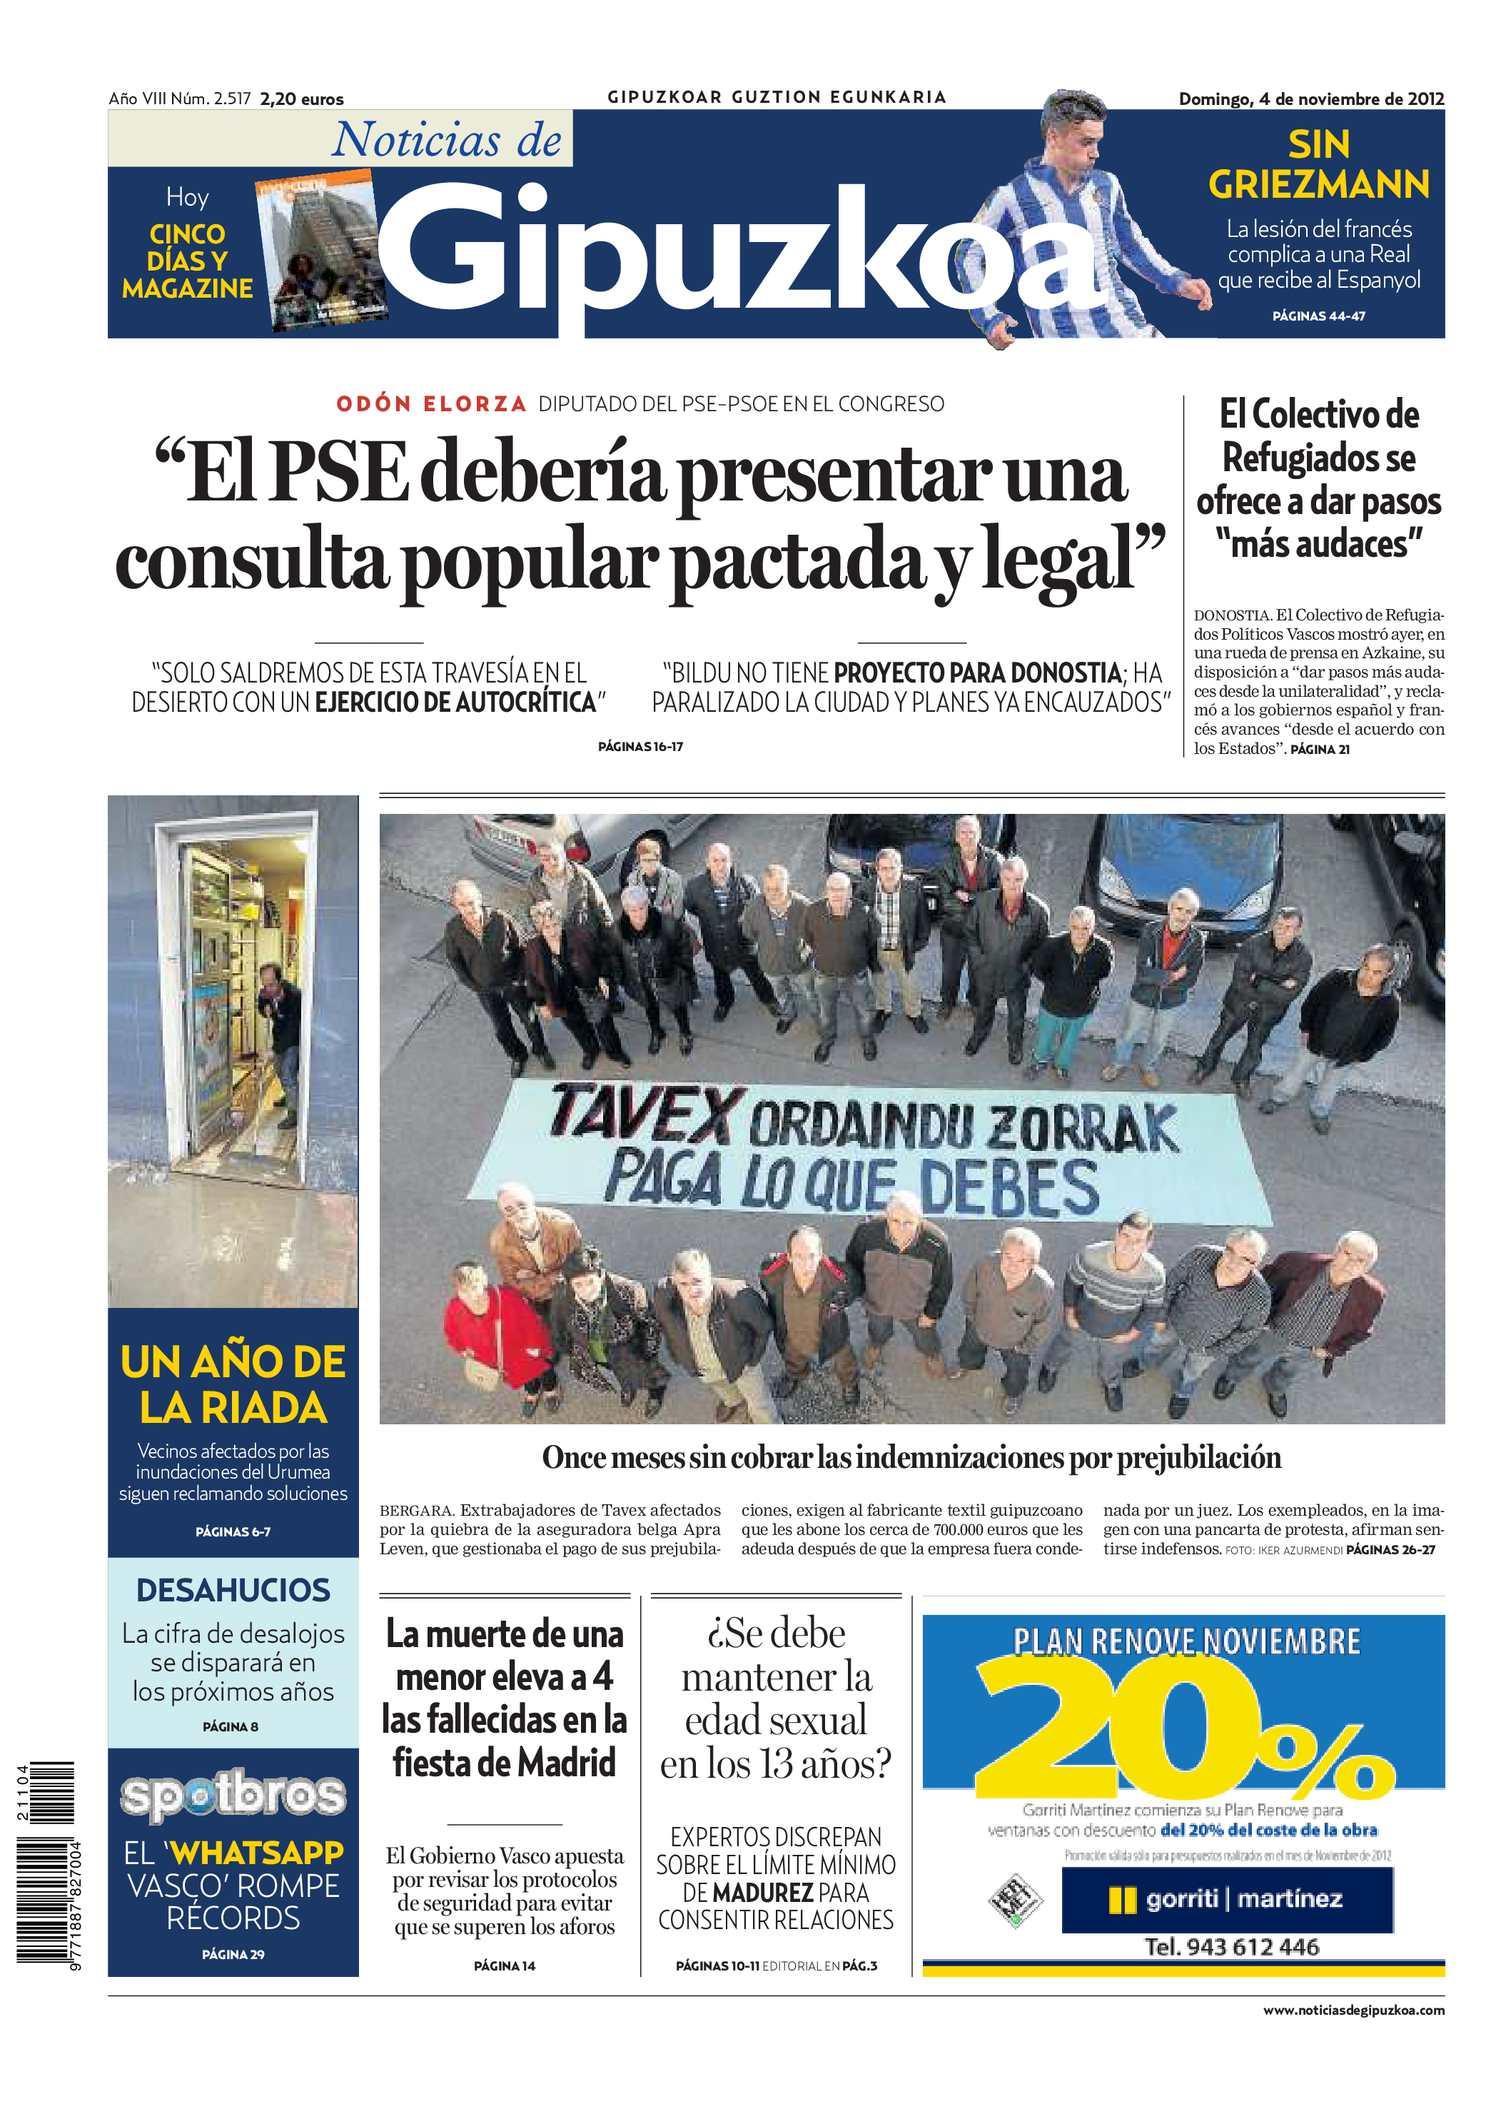 Calaméo - Noticias de Gipuzkoa 20121104